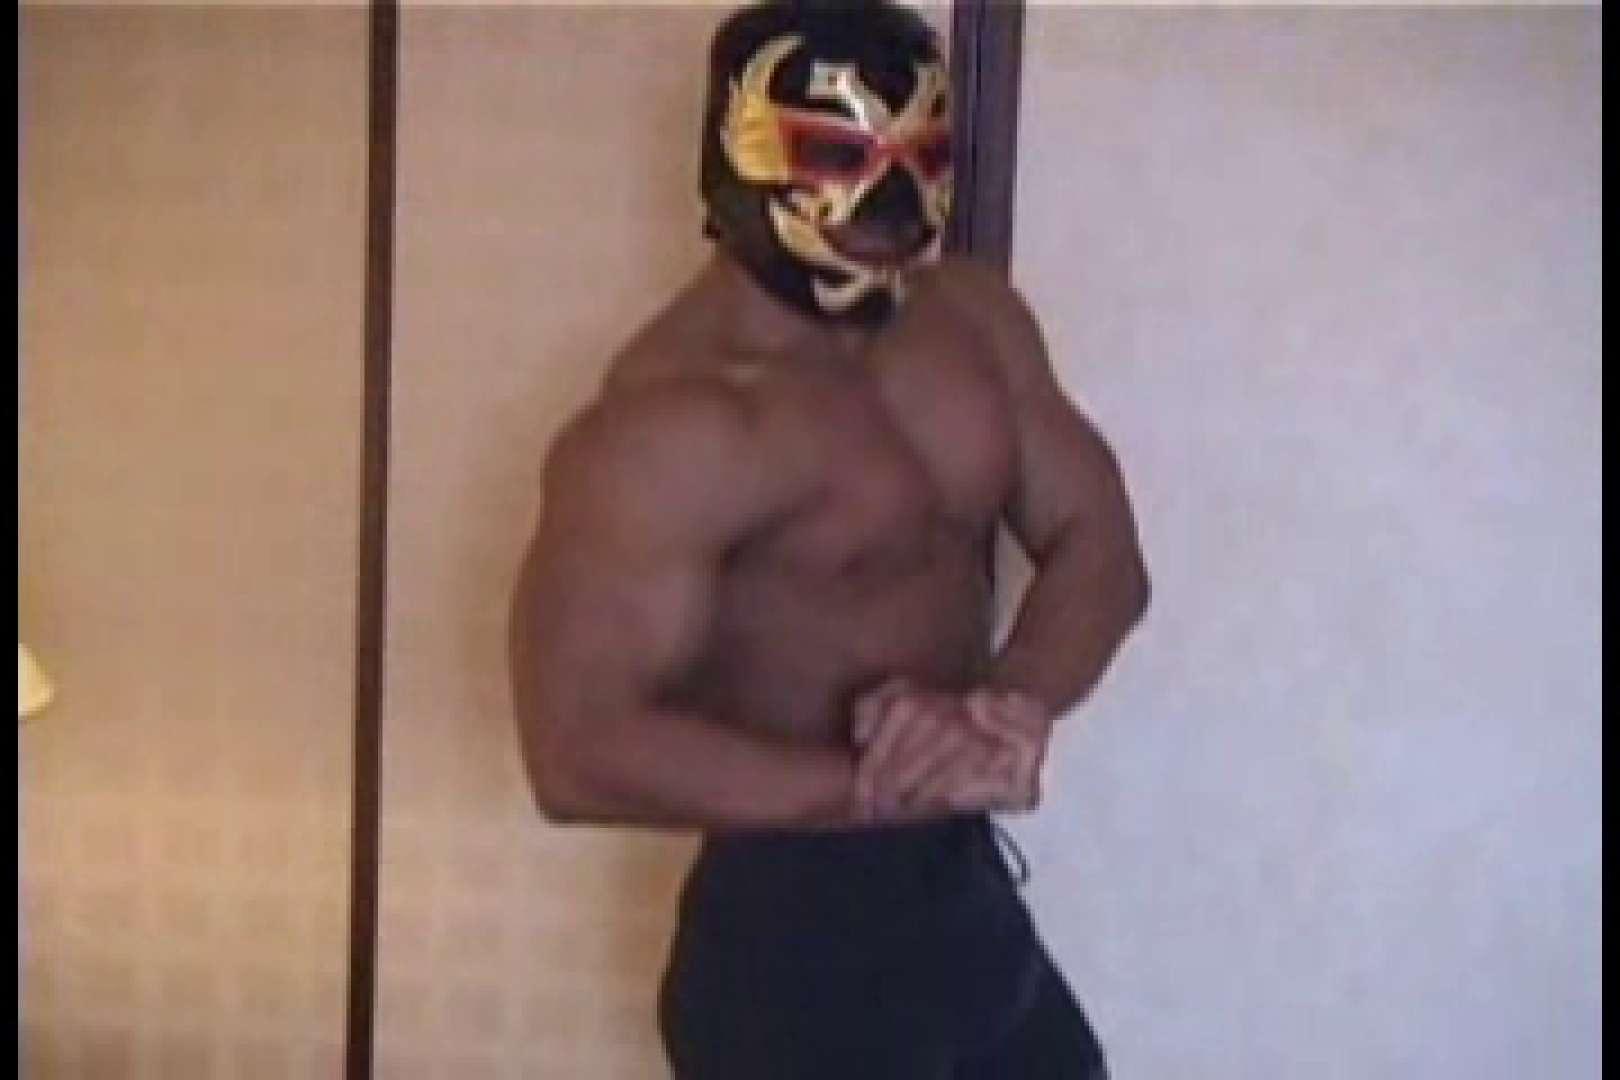 性器の味方ムキムキ覆面マッチョマン 男の世界  106画像 3